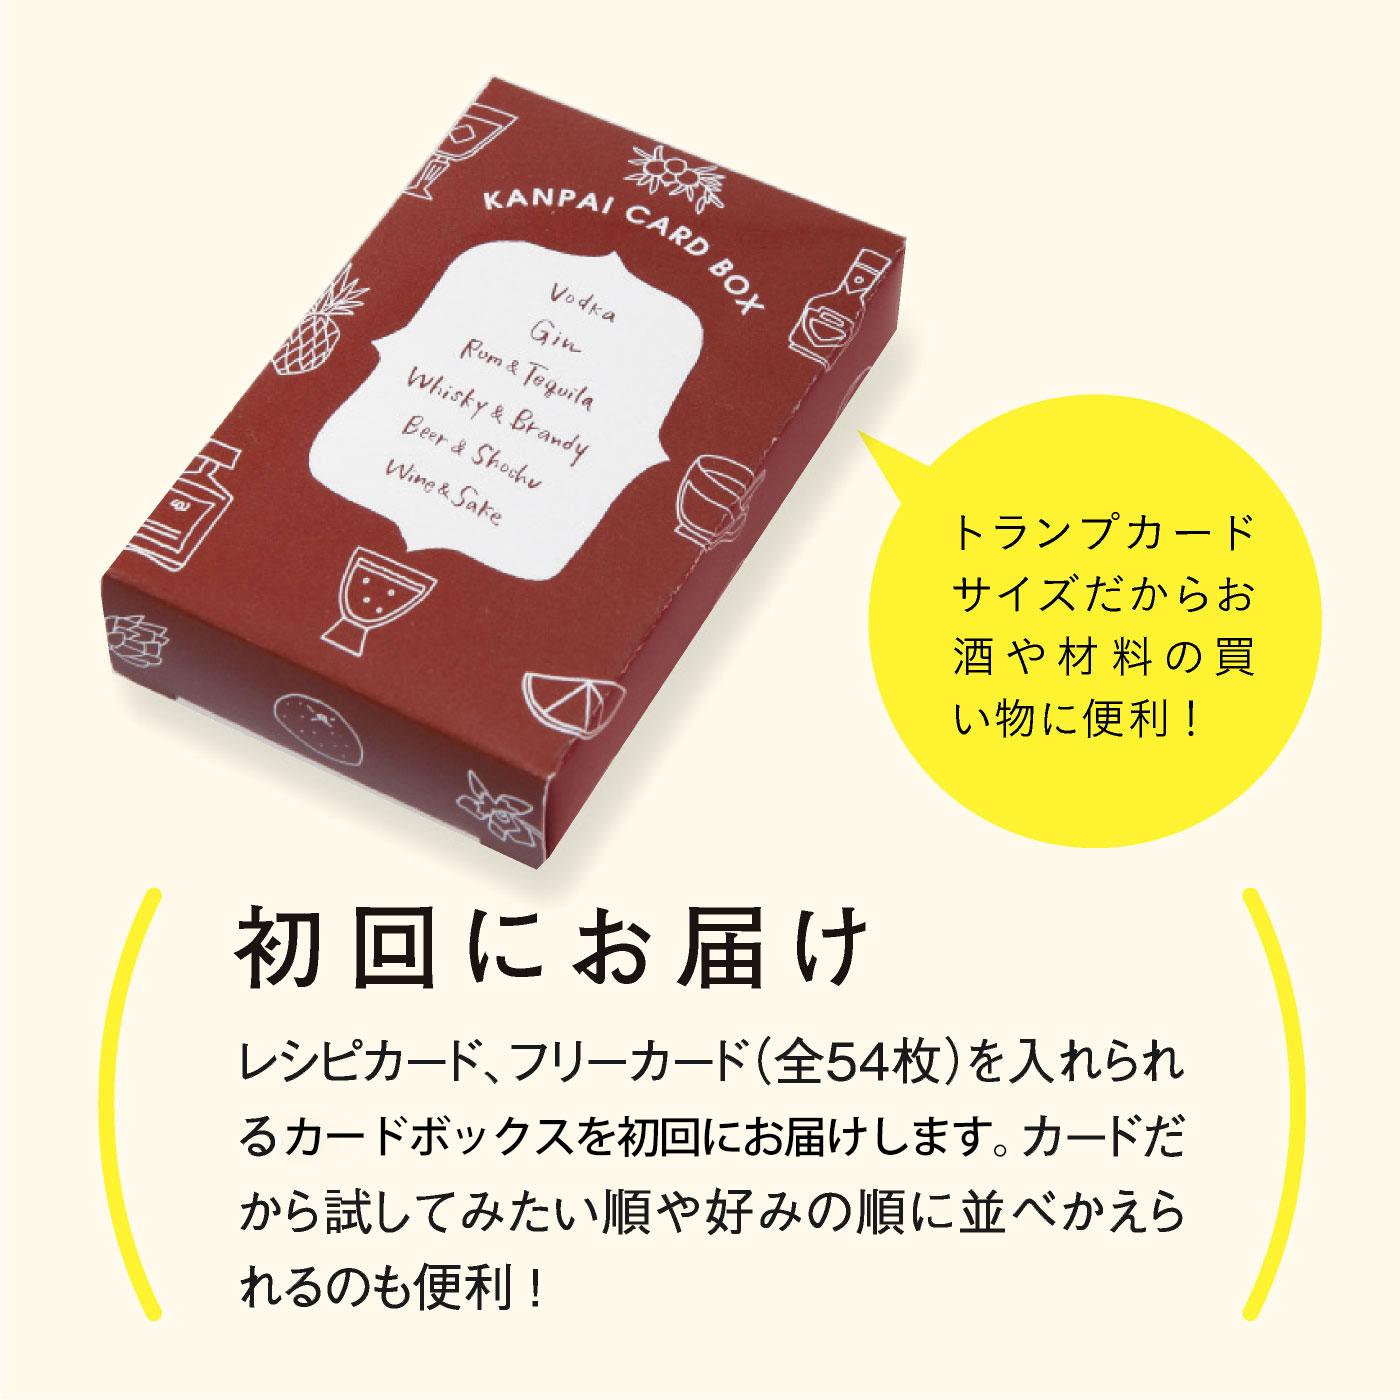 レシピカード、フリーカード(全54枚)を入れられるカードボックスを初回にお届けします。